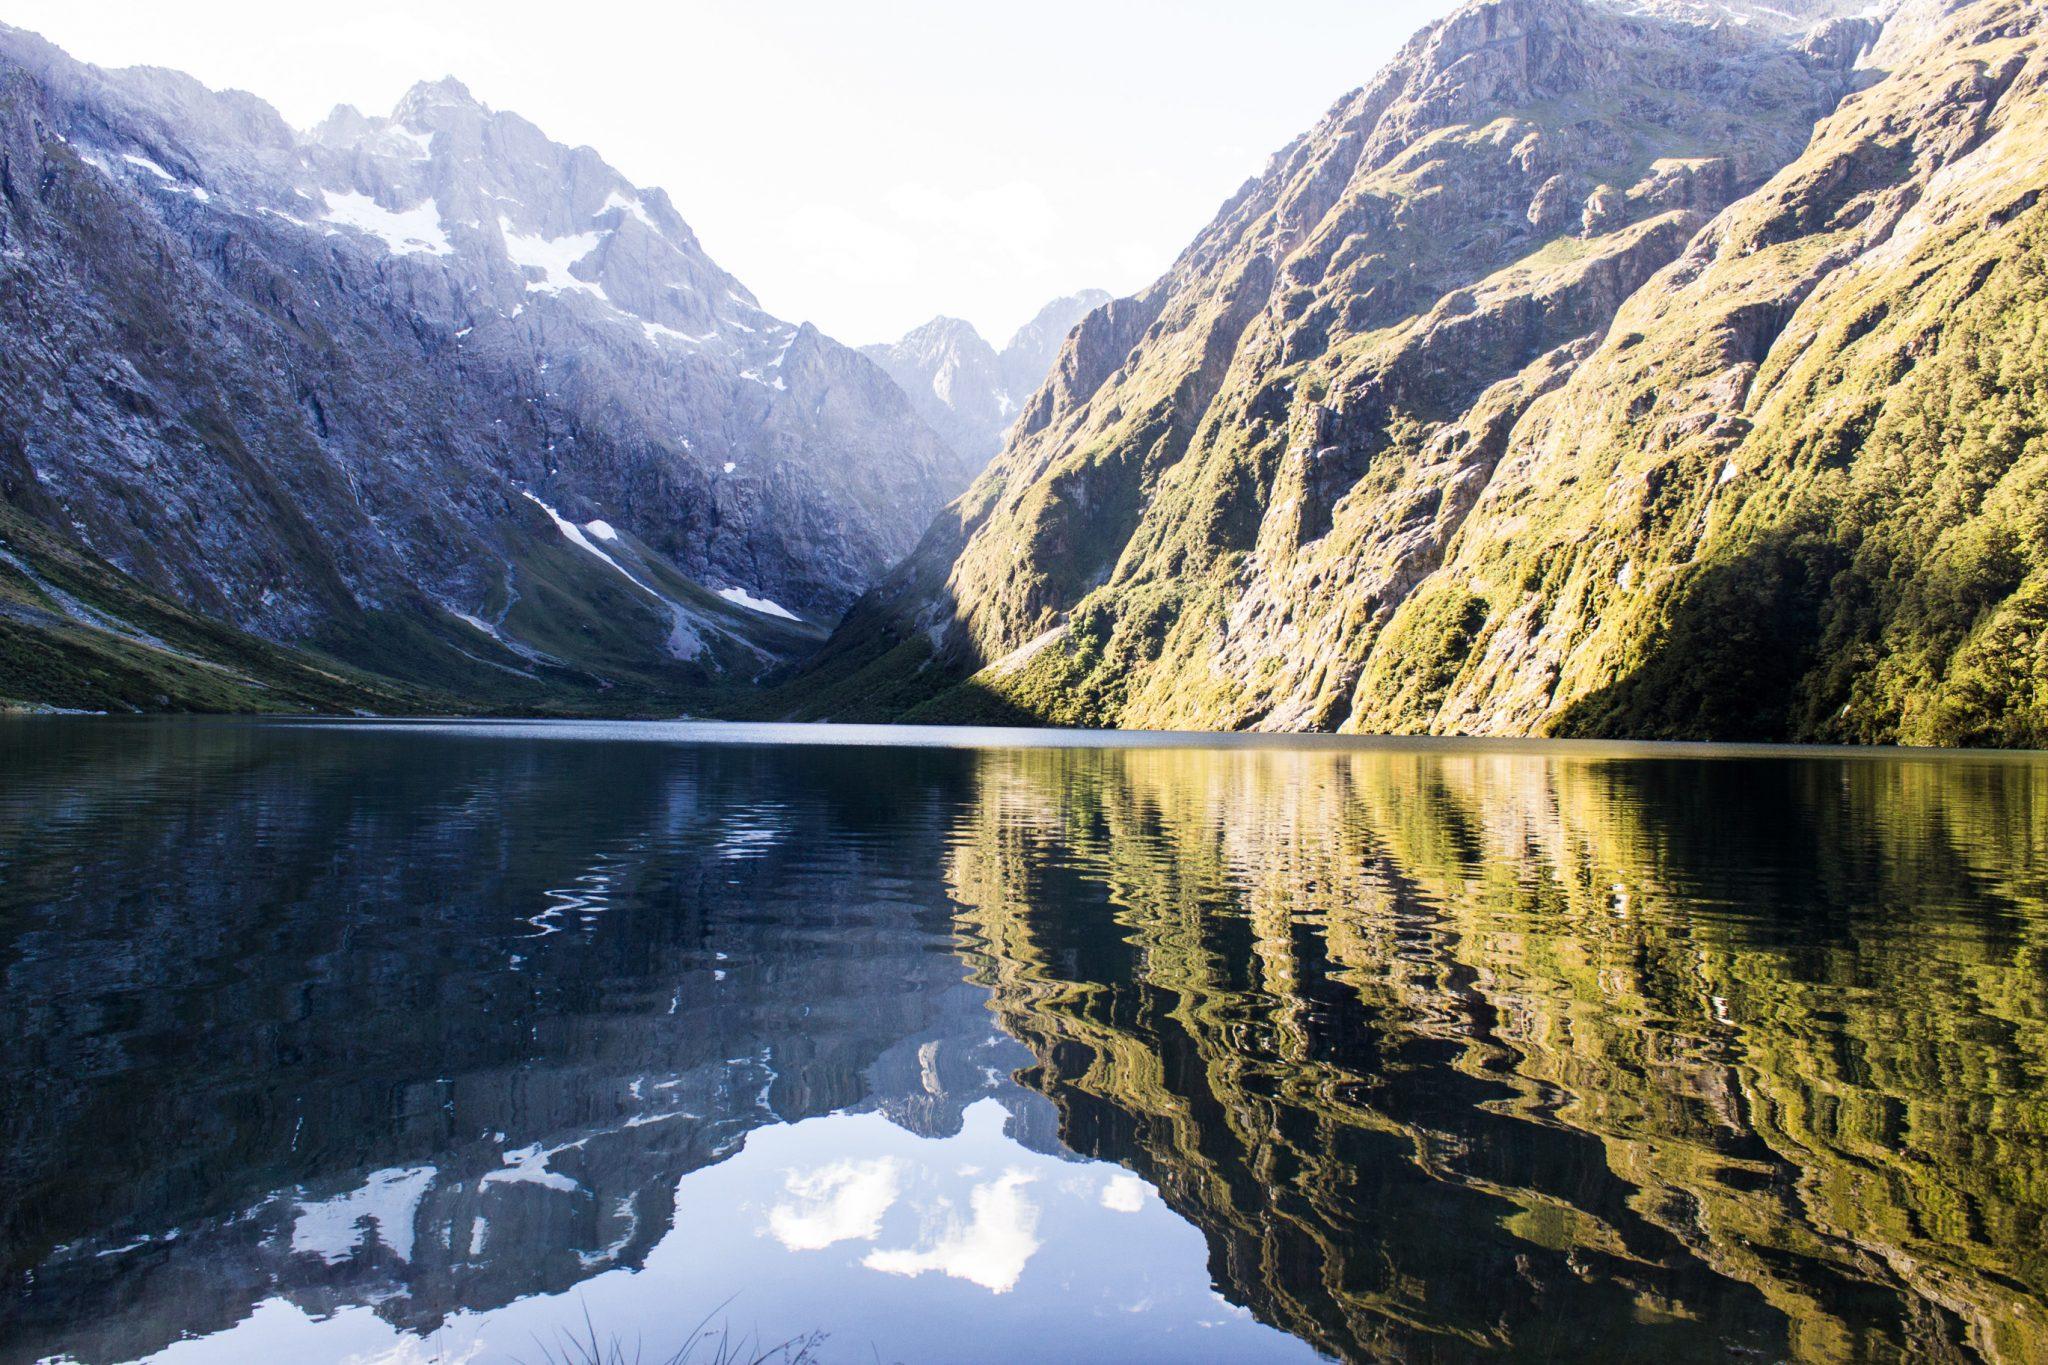 Lake Marian Track wandern, bei Marian Falls im Fiordland National Park Südinsel Neuseelands, Wanderung zum See Marian, Lake Marian, Tal, hanging valley, schneebedeckte Gipfel in der Ferne, Berge spiegeln sich im klaren Wasser, schönes Licht, Sonne, Steine